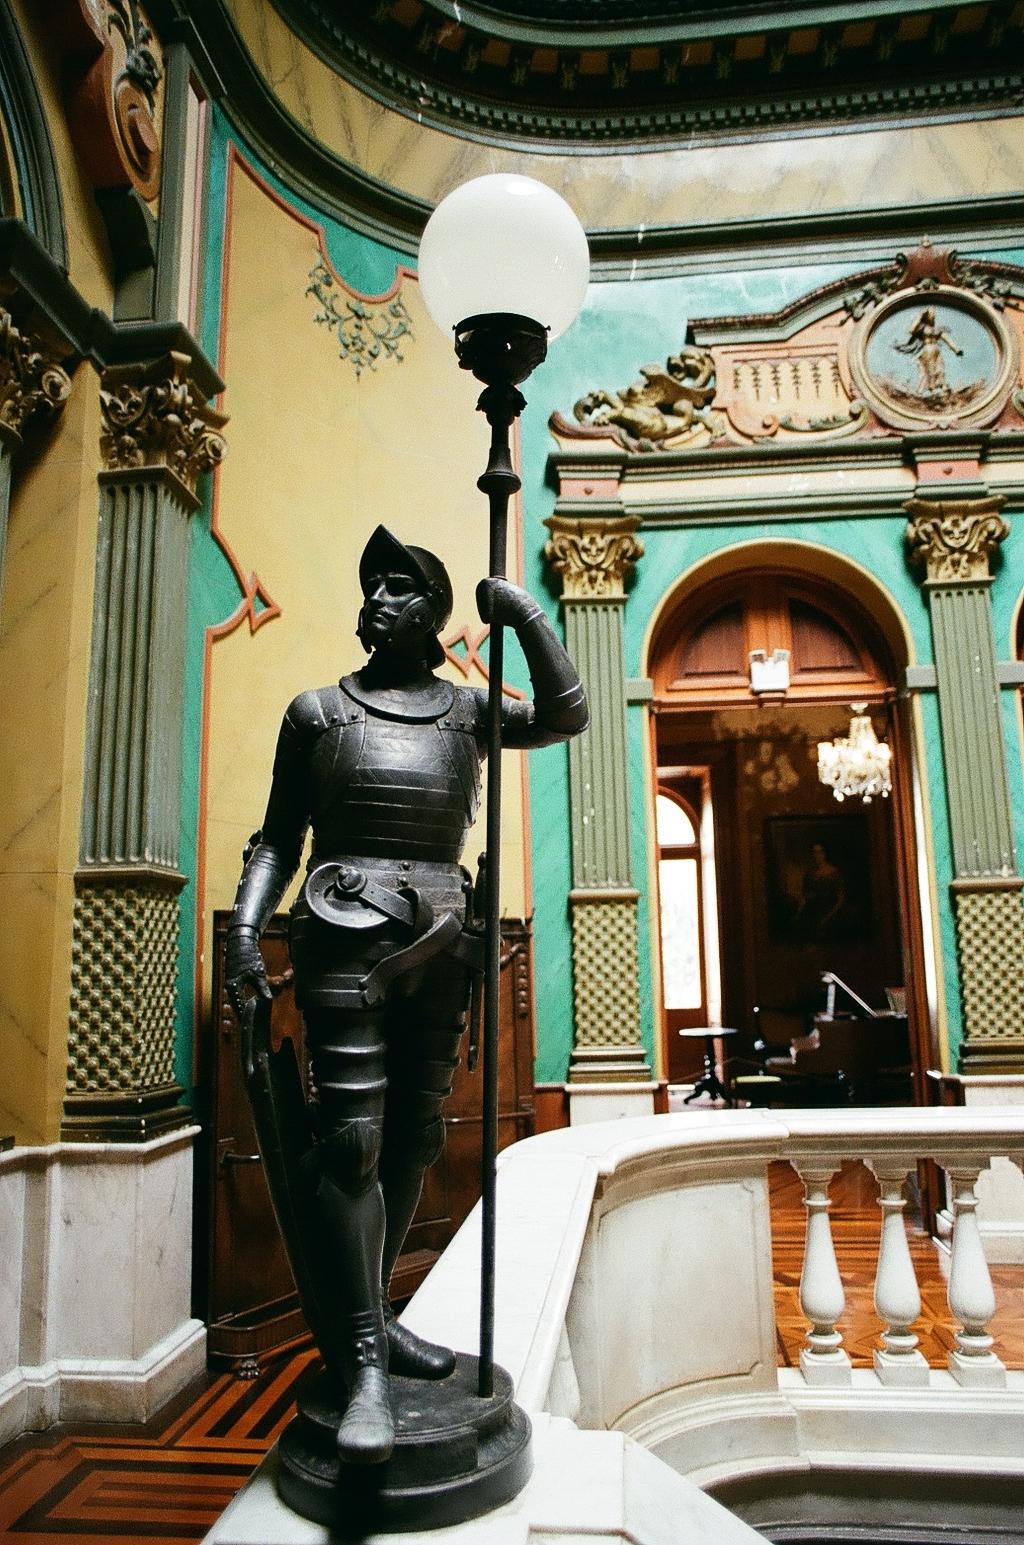 Museu Historico Santa Caterina